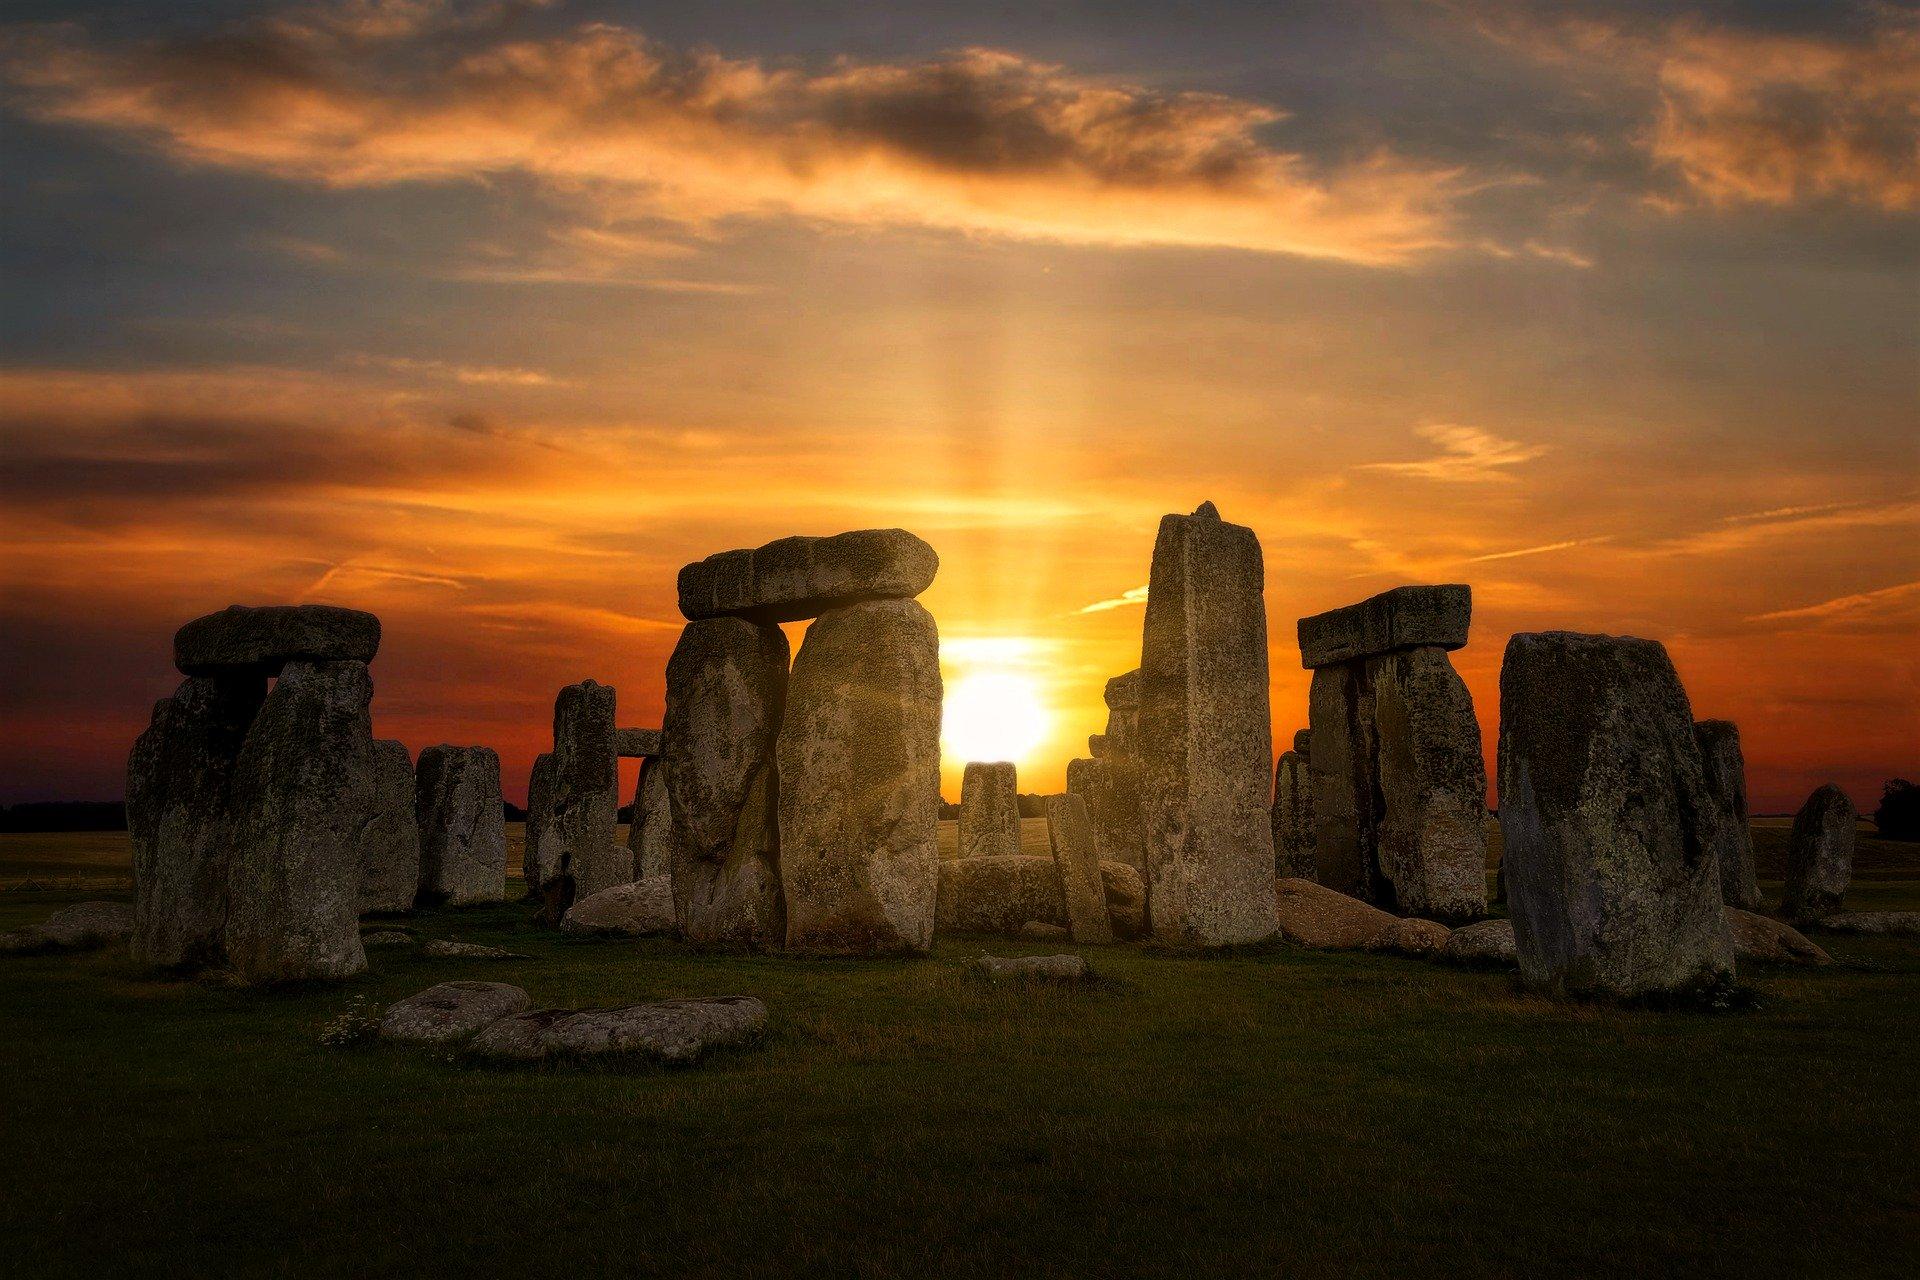 Photo of Stonehenge at sunrise